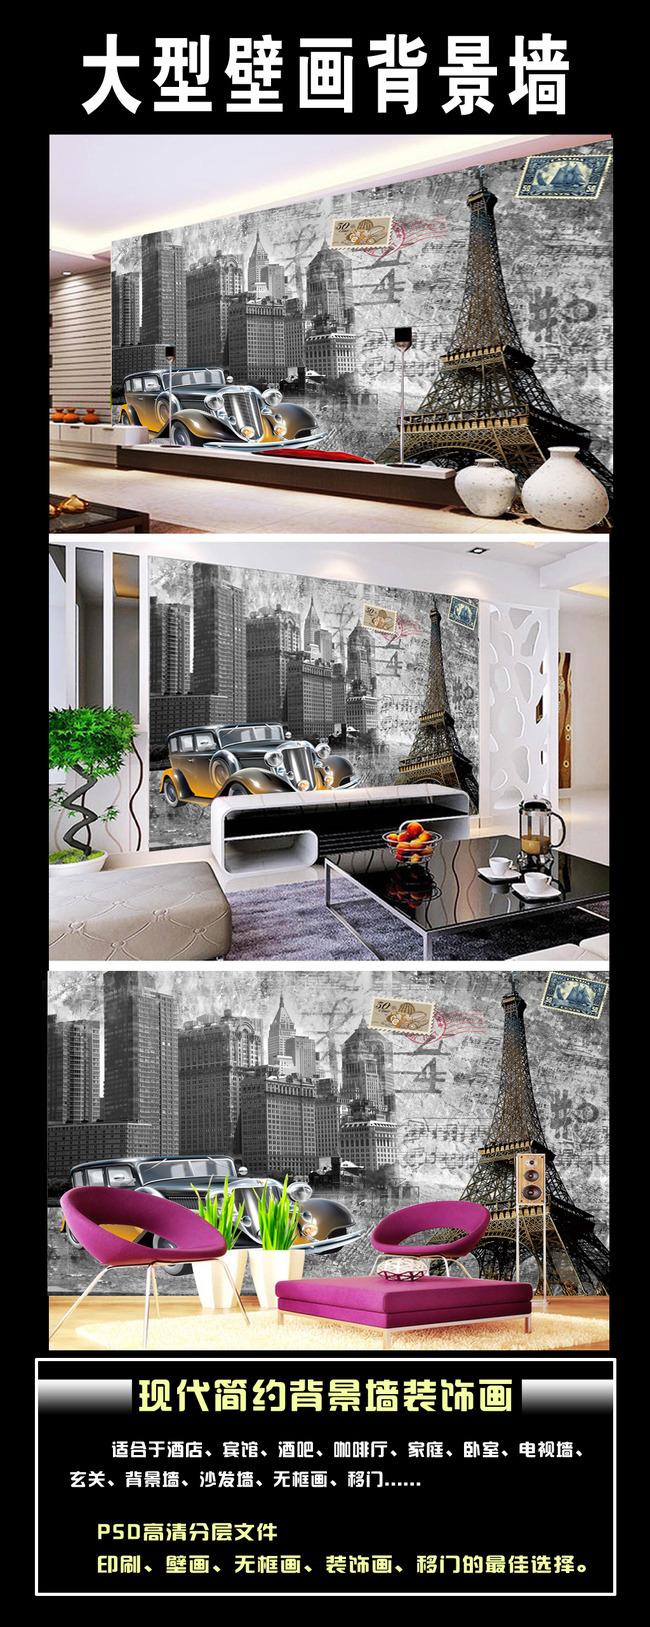 欧式巴黎埃菲尔铁塔图案电视背景墙装饰画图片